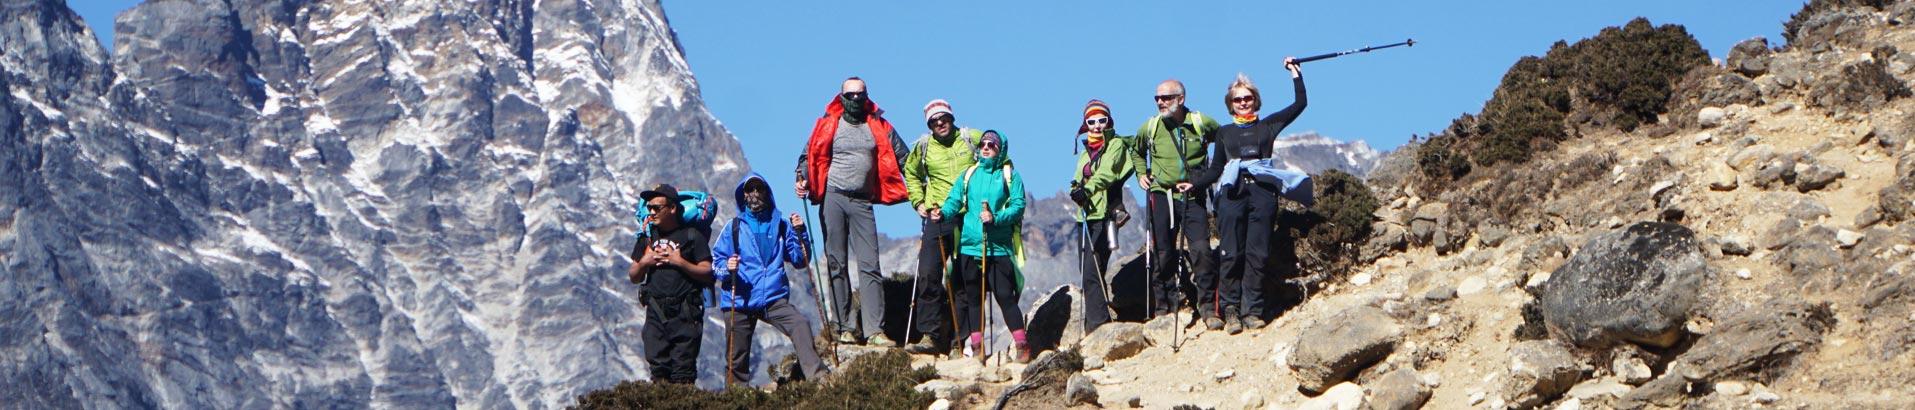 Группа APEX-mountain в полном составе взошла на один из перевалов возле Эвереста в Непале